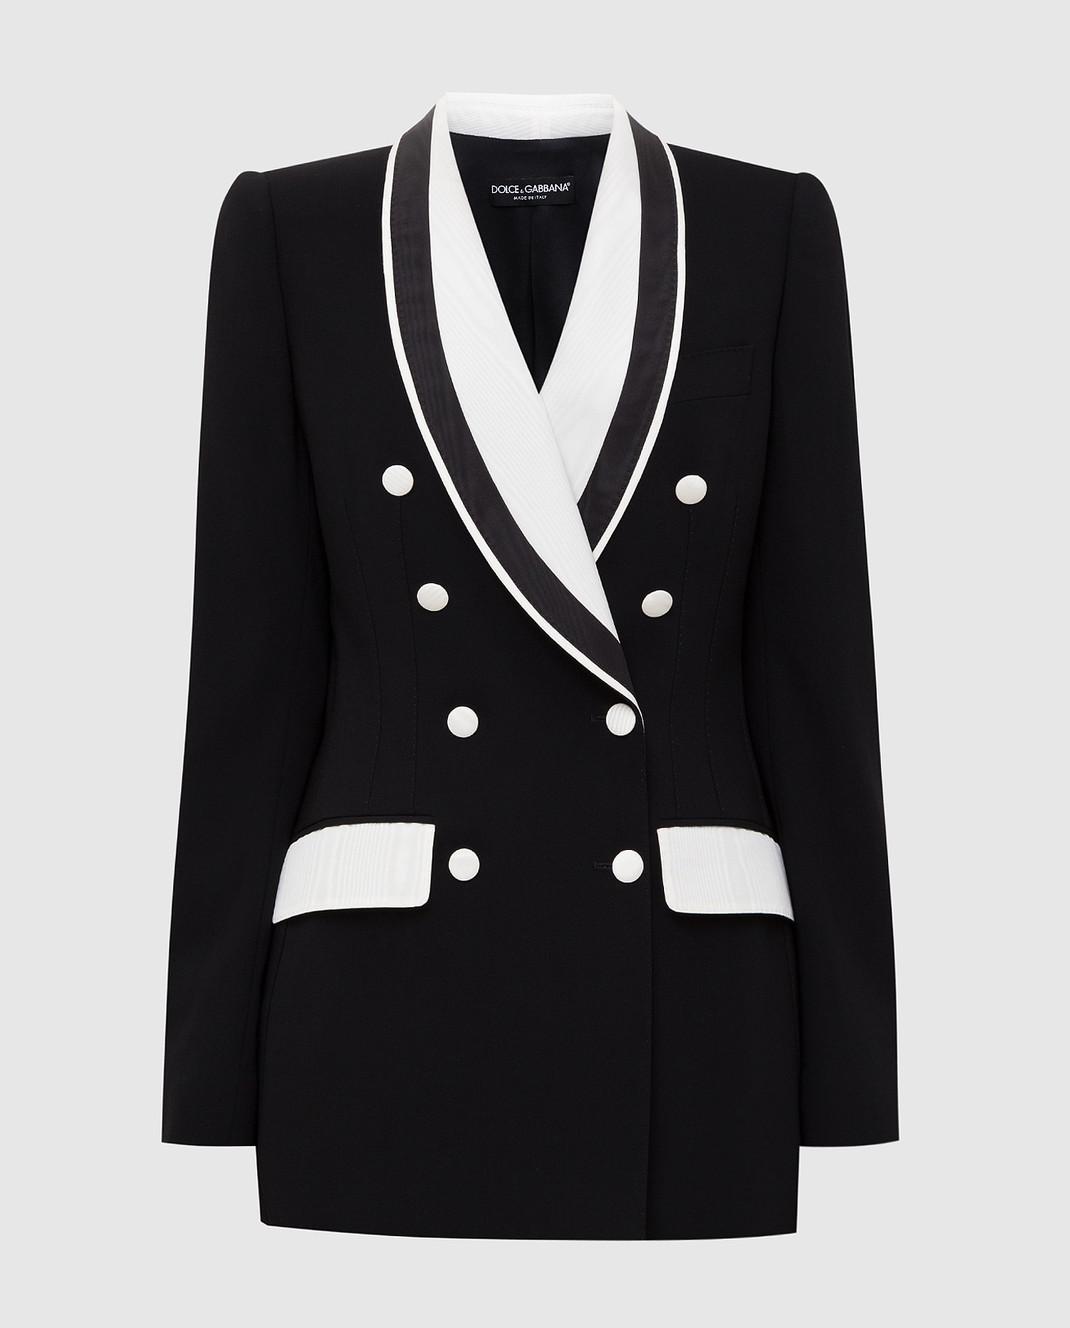 Dolce&Gabbana Черный жакет из шерсти изображение 1